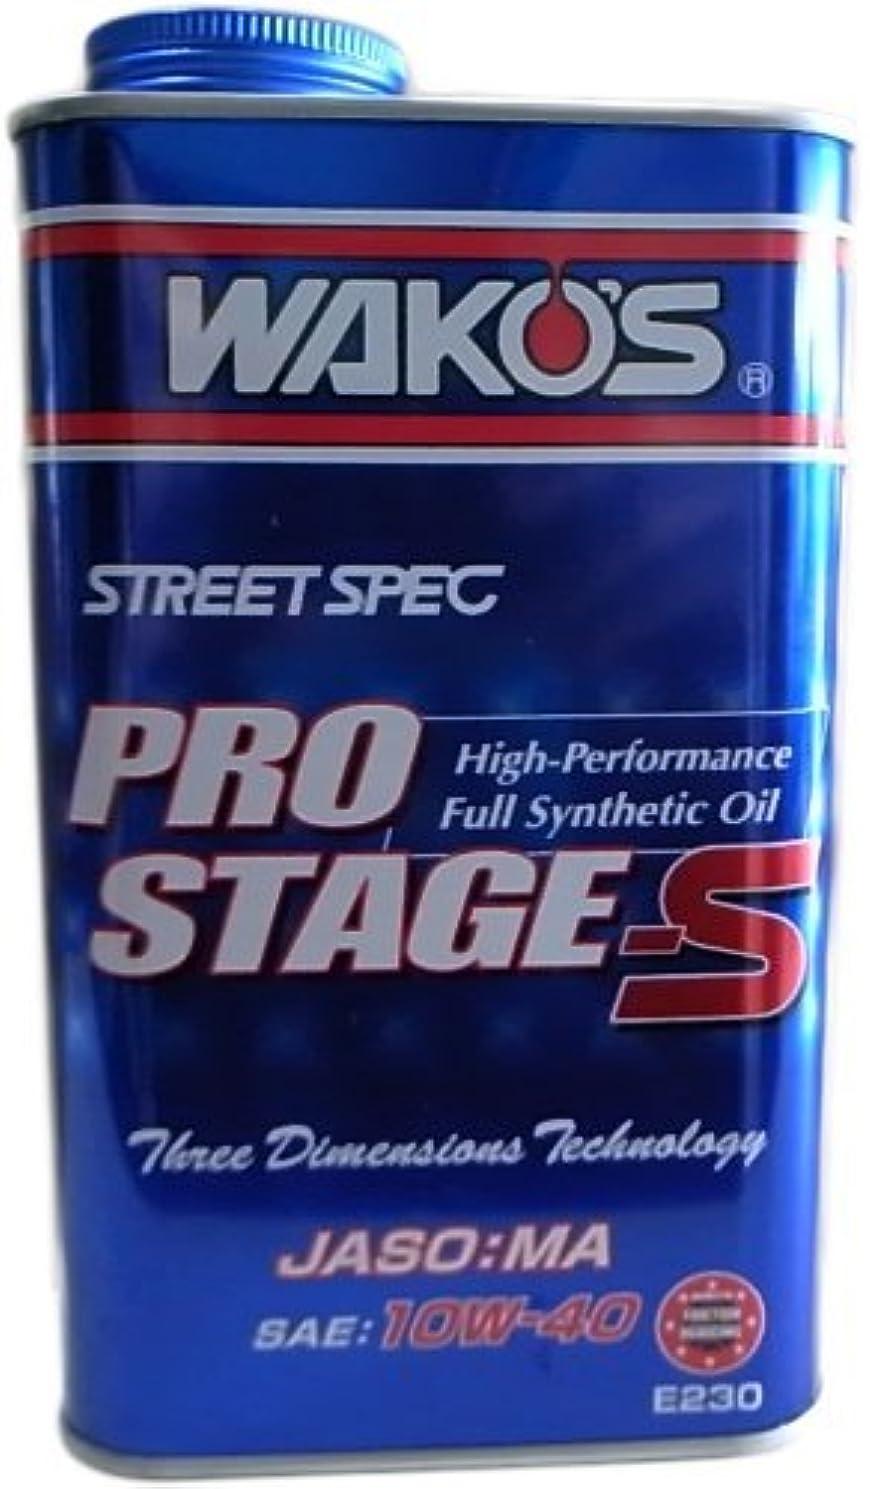 幽霊中級シーフードワコーズ PRO-S40 プロステージS 10W40 高性能ストリートスペックエンジンオイル E230 1L E230 [HTRC3]